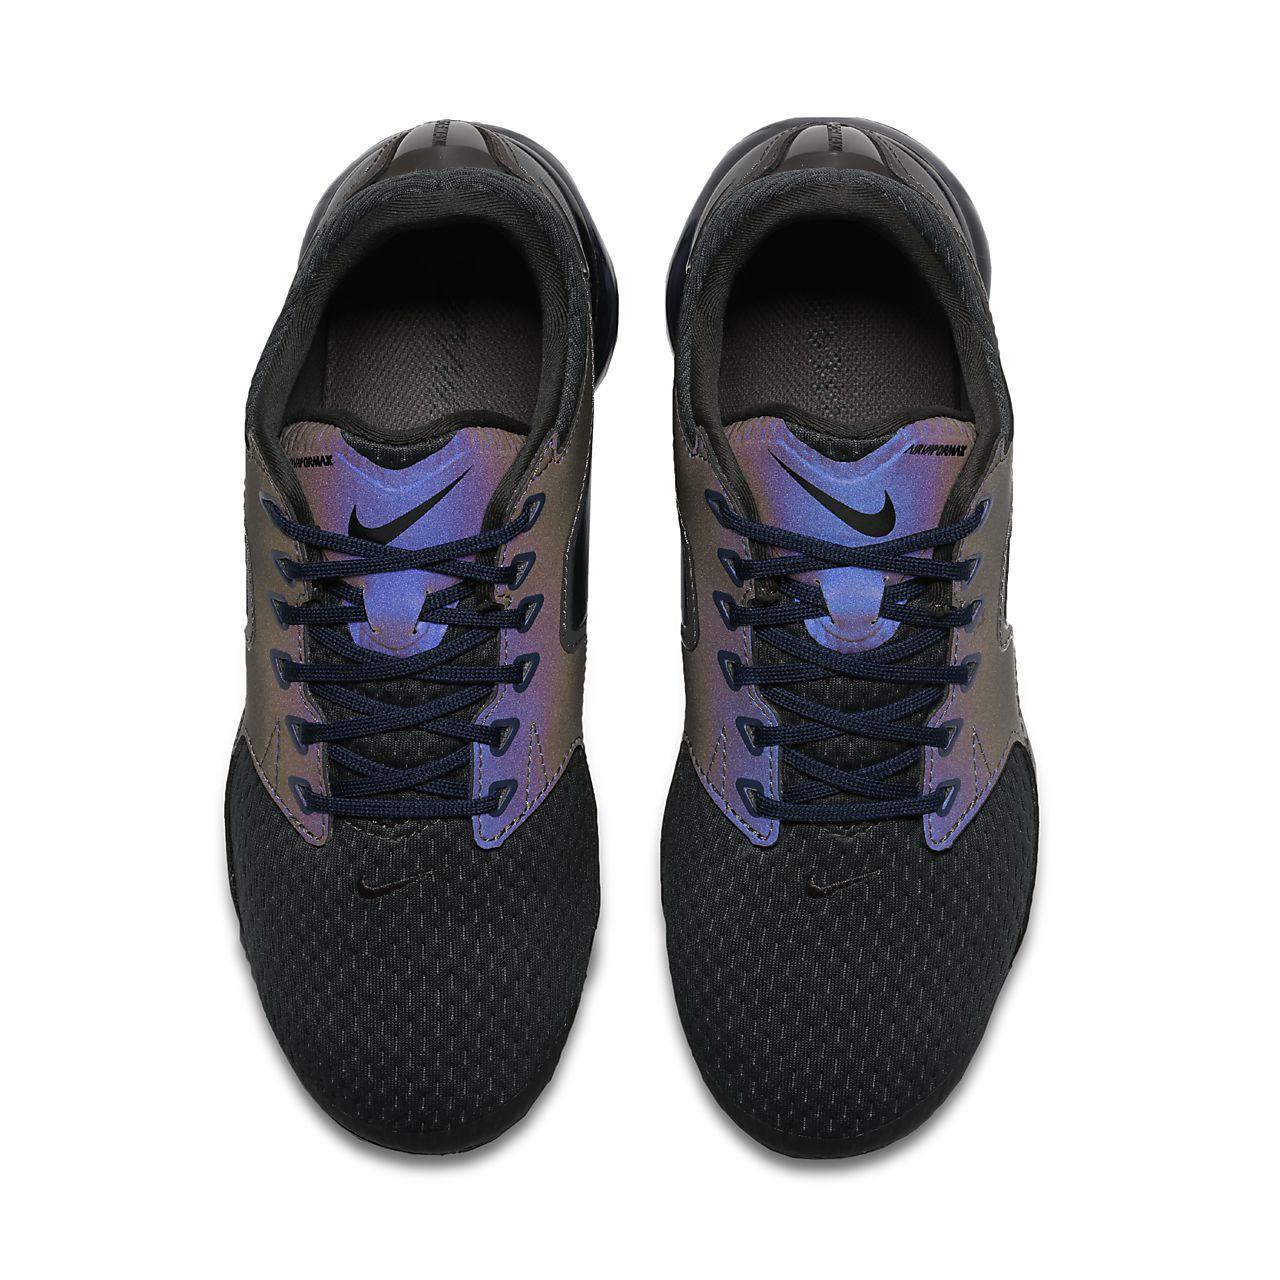 Pour De Air Nike Vapormax Femme Running R Chaussure Ch dYwfqTgt